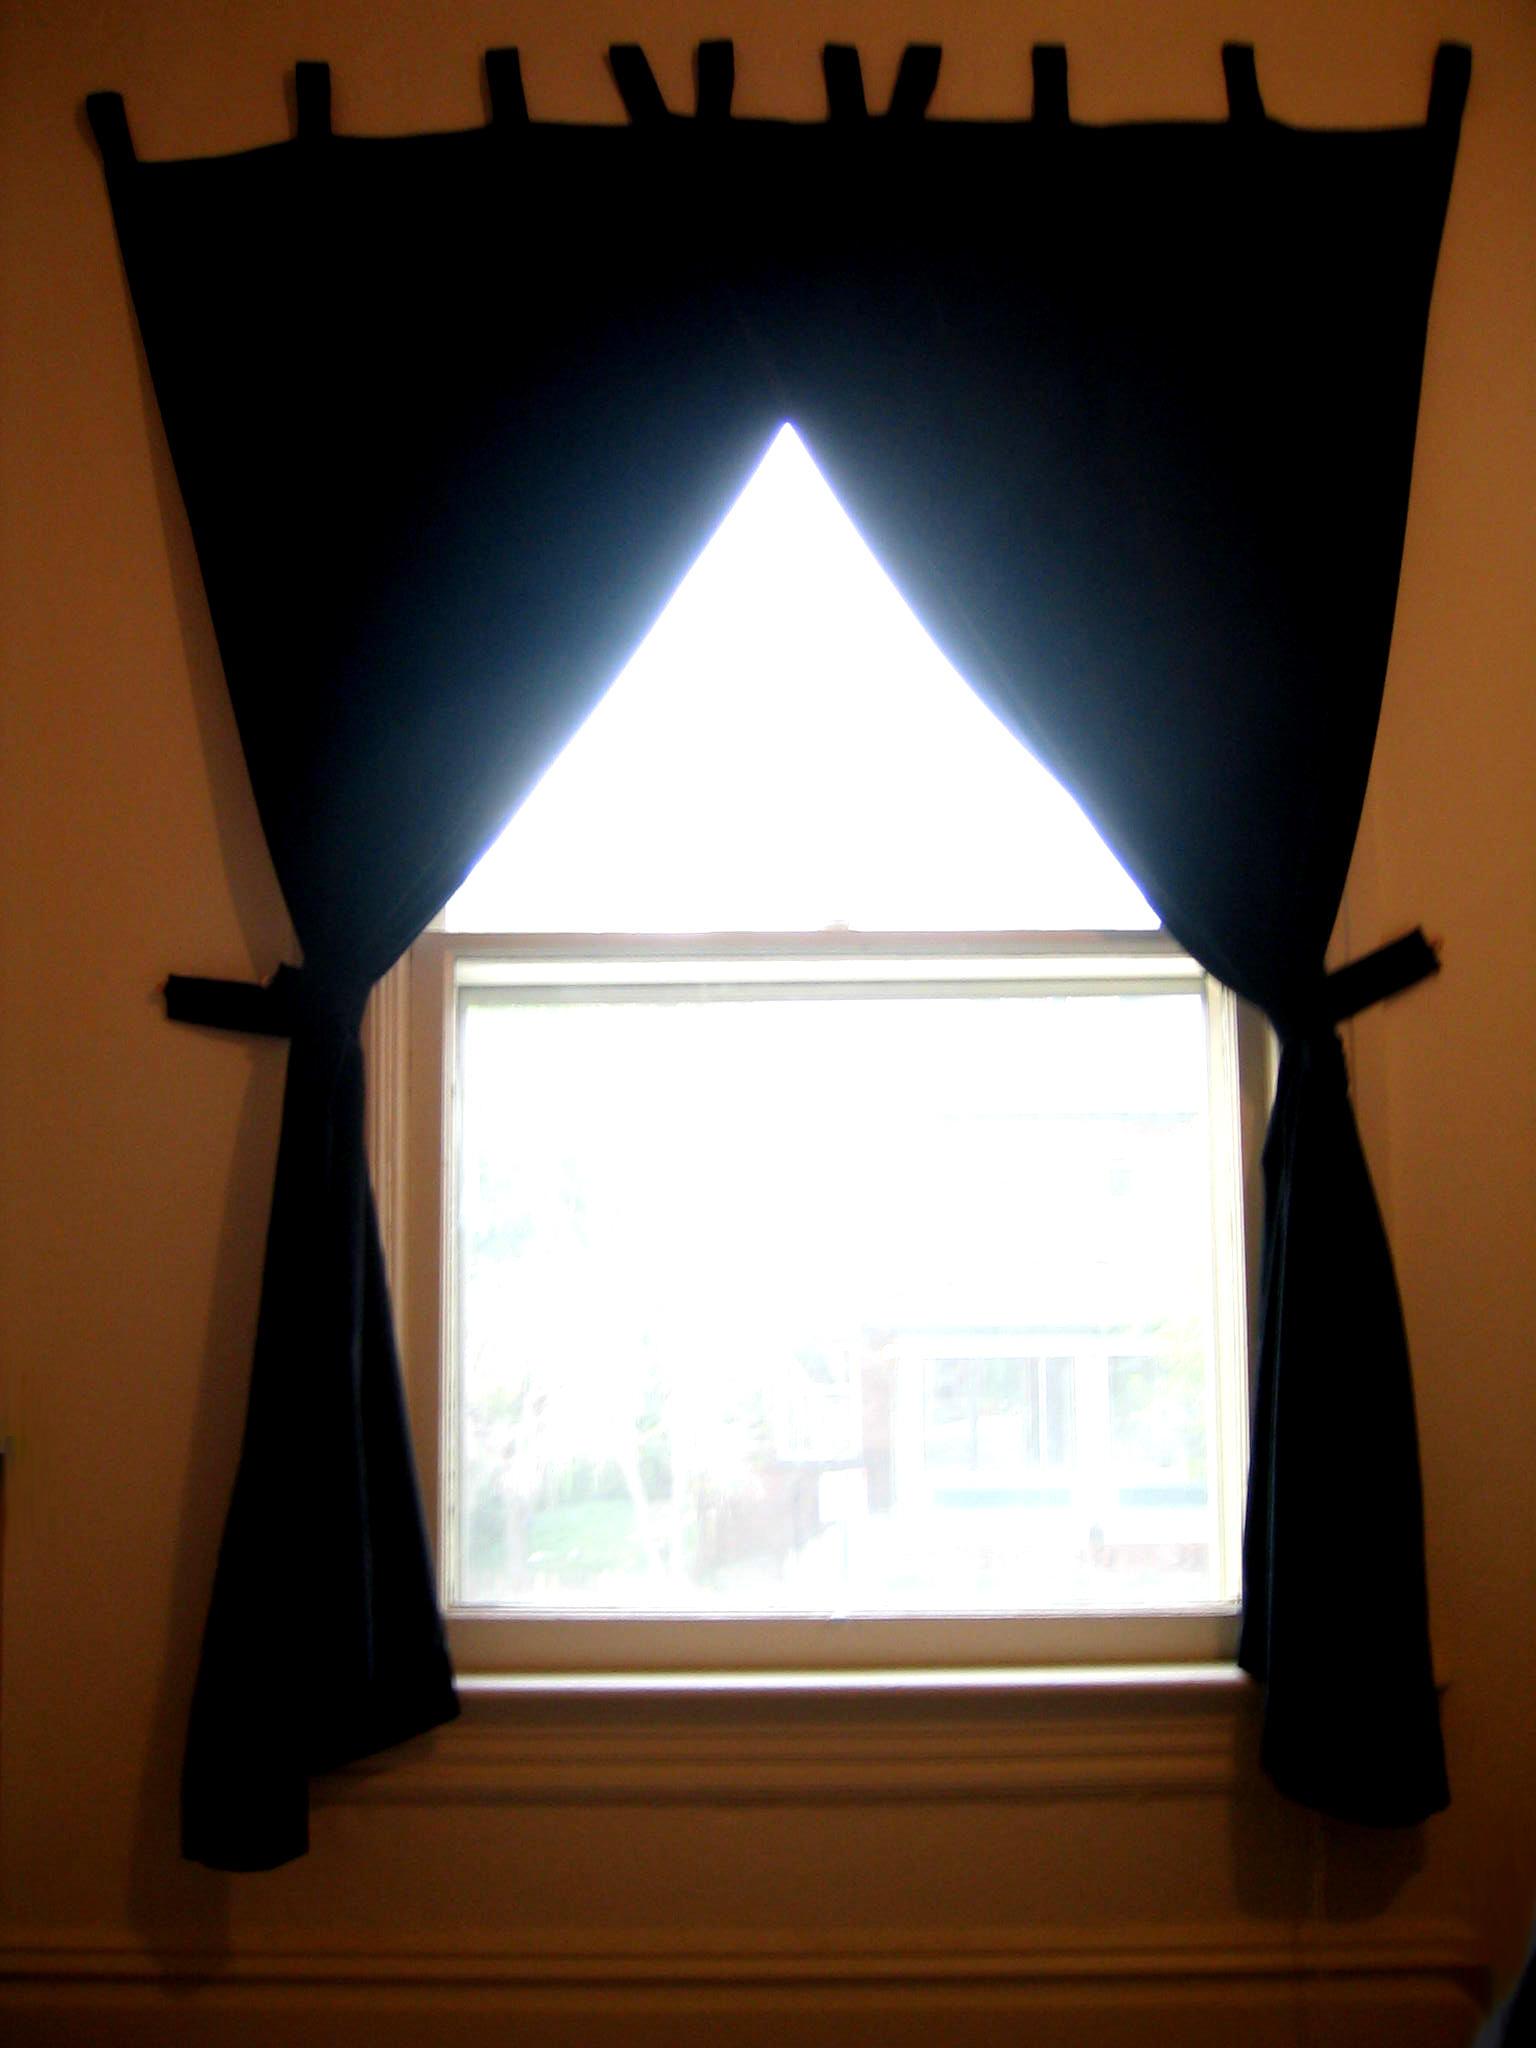 Blackest Curtain by centristok